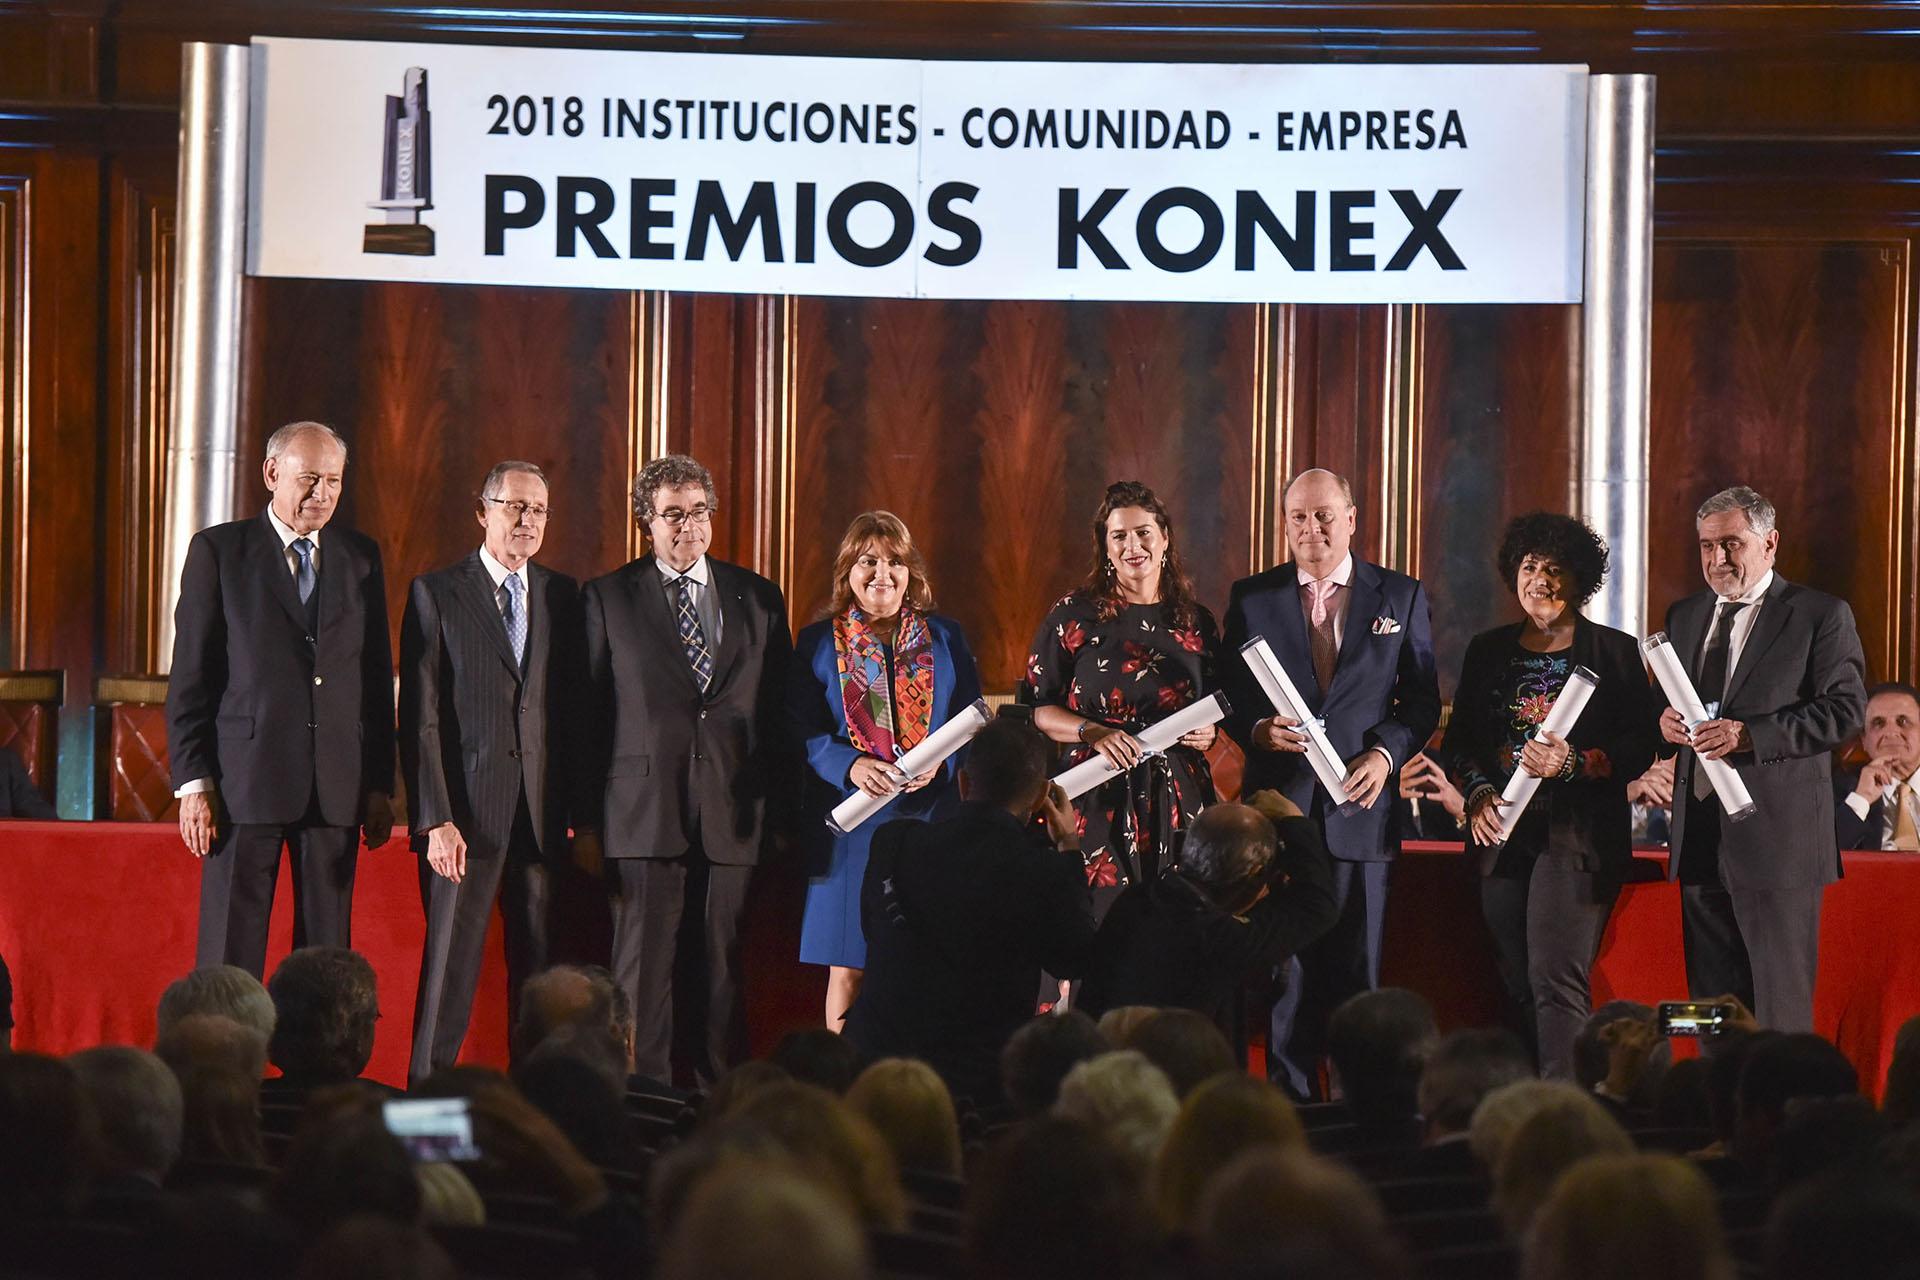 Empresarios PyME: Claudia Álvarez Argüelles (Álvarez Argüelles Hoteles), Inés Berton (Tealosophy), Martín Cabrales (Cabrales), Marcelo Salas Martínez (Café Martínez) y José Alberto Zuccardi (Familia Zuccardi)